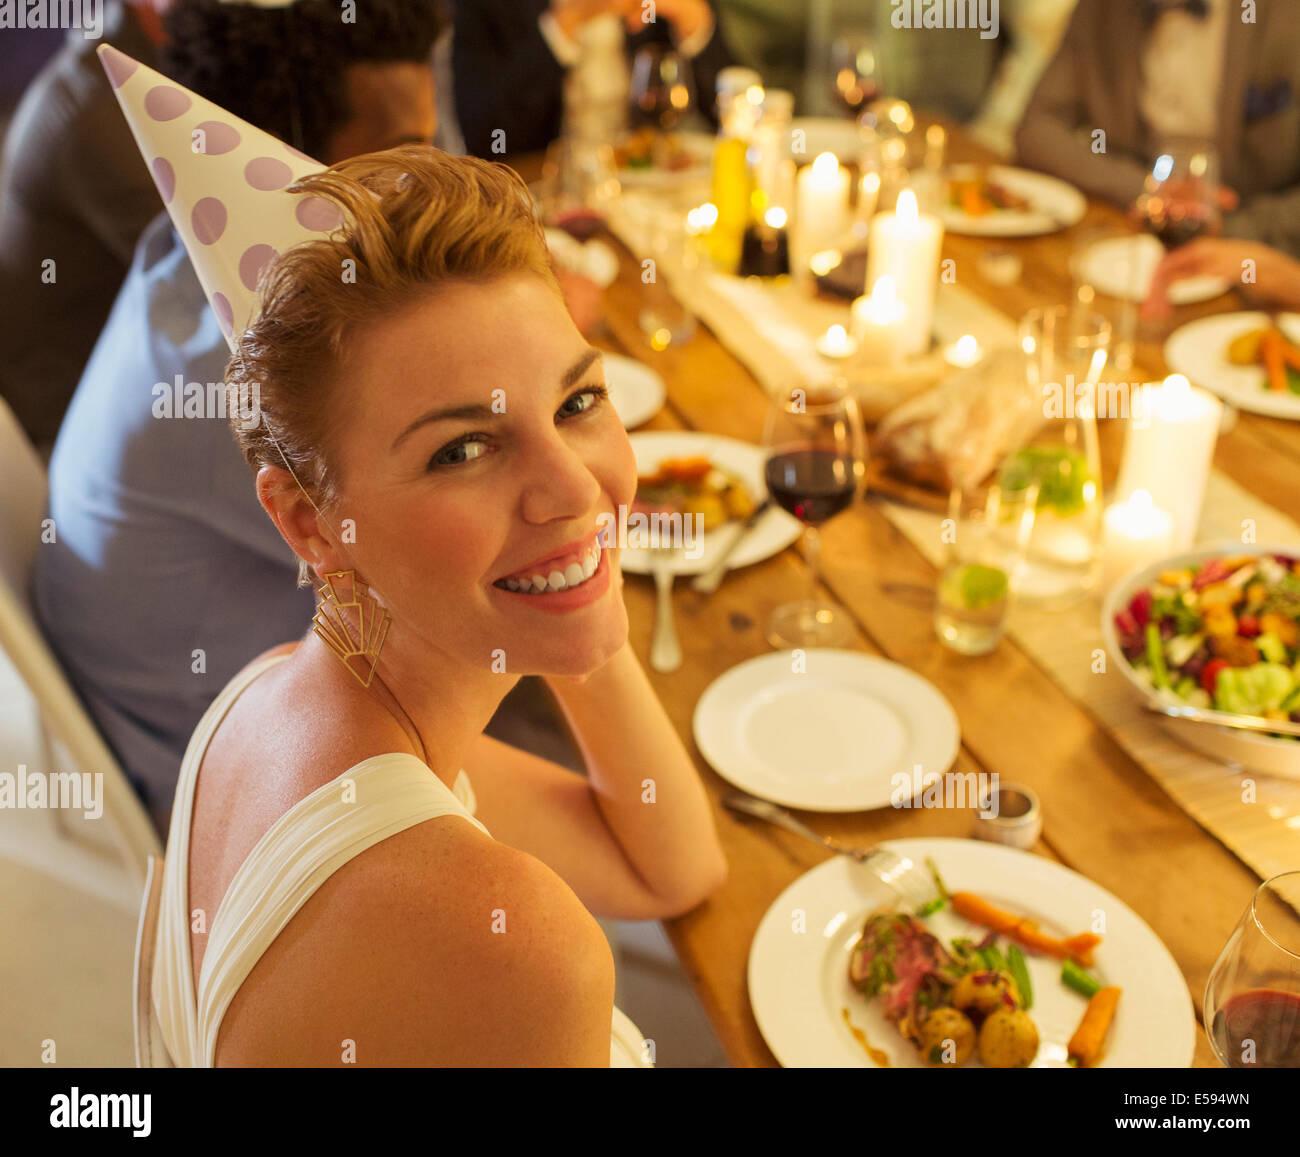 Frau lächelnd an Geburtstagsparty Stockbild